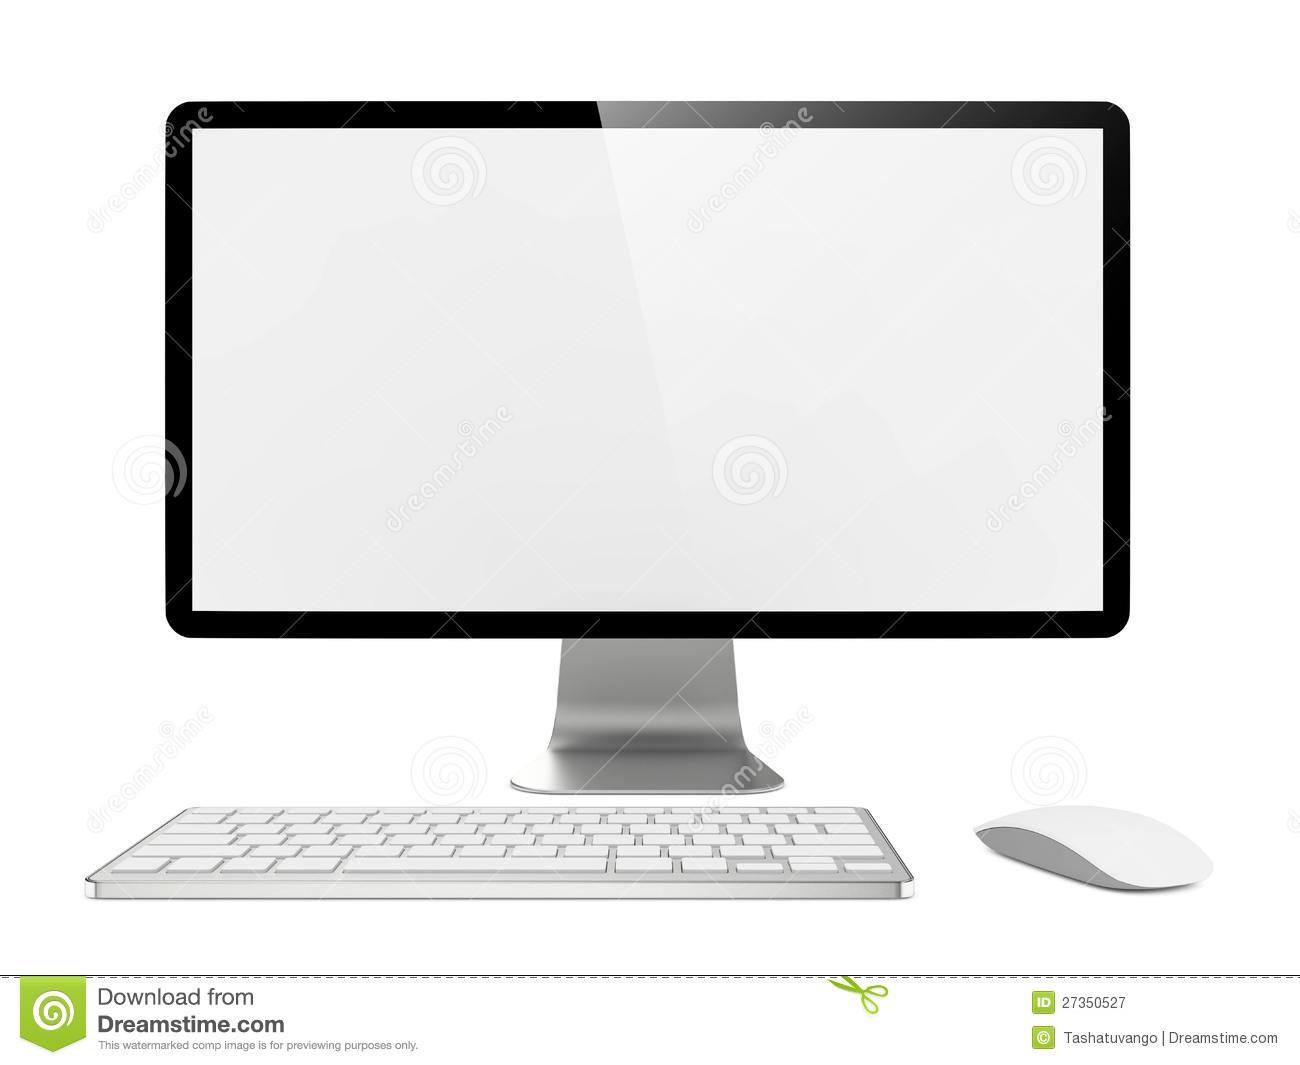 Clip art panda free. Computer monitor and keyboard clipart